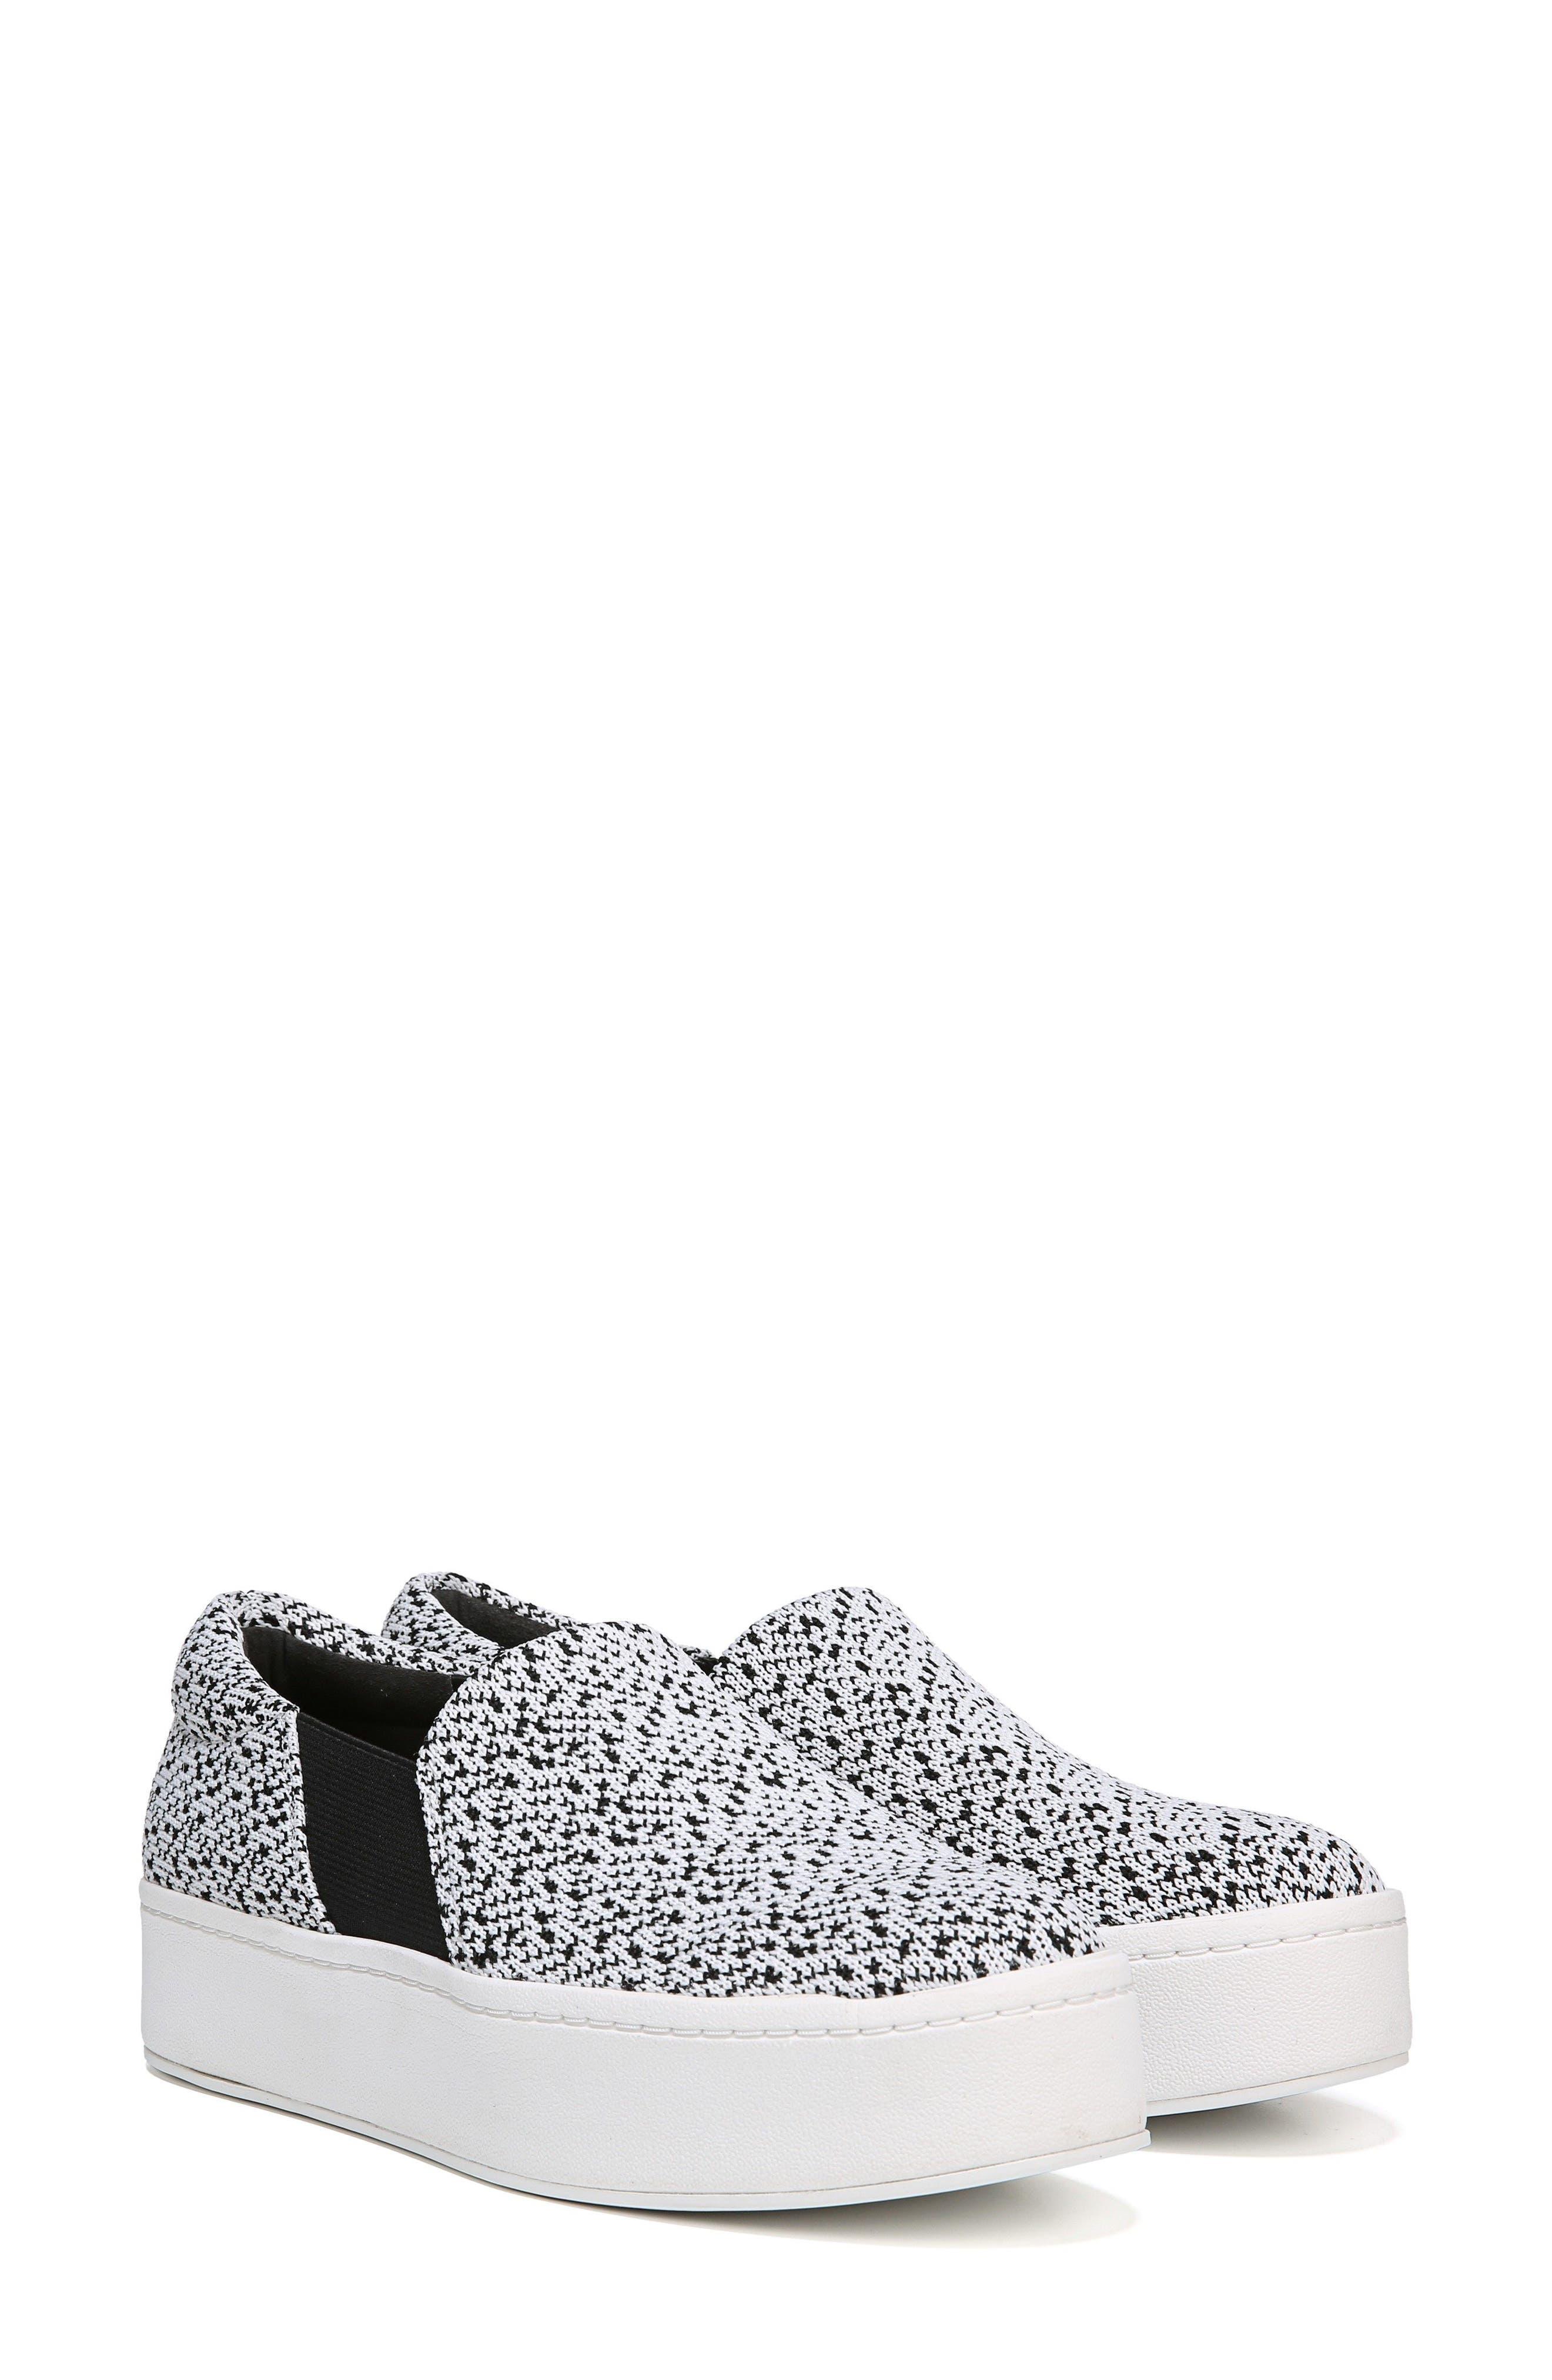 Warren Slip-On Sneaker,                             Alternate thumbnail 7, color,                             WHITE/ BLACK